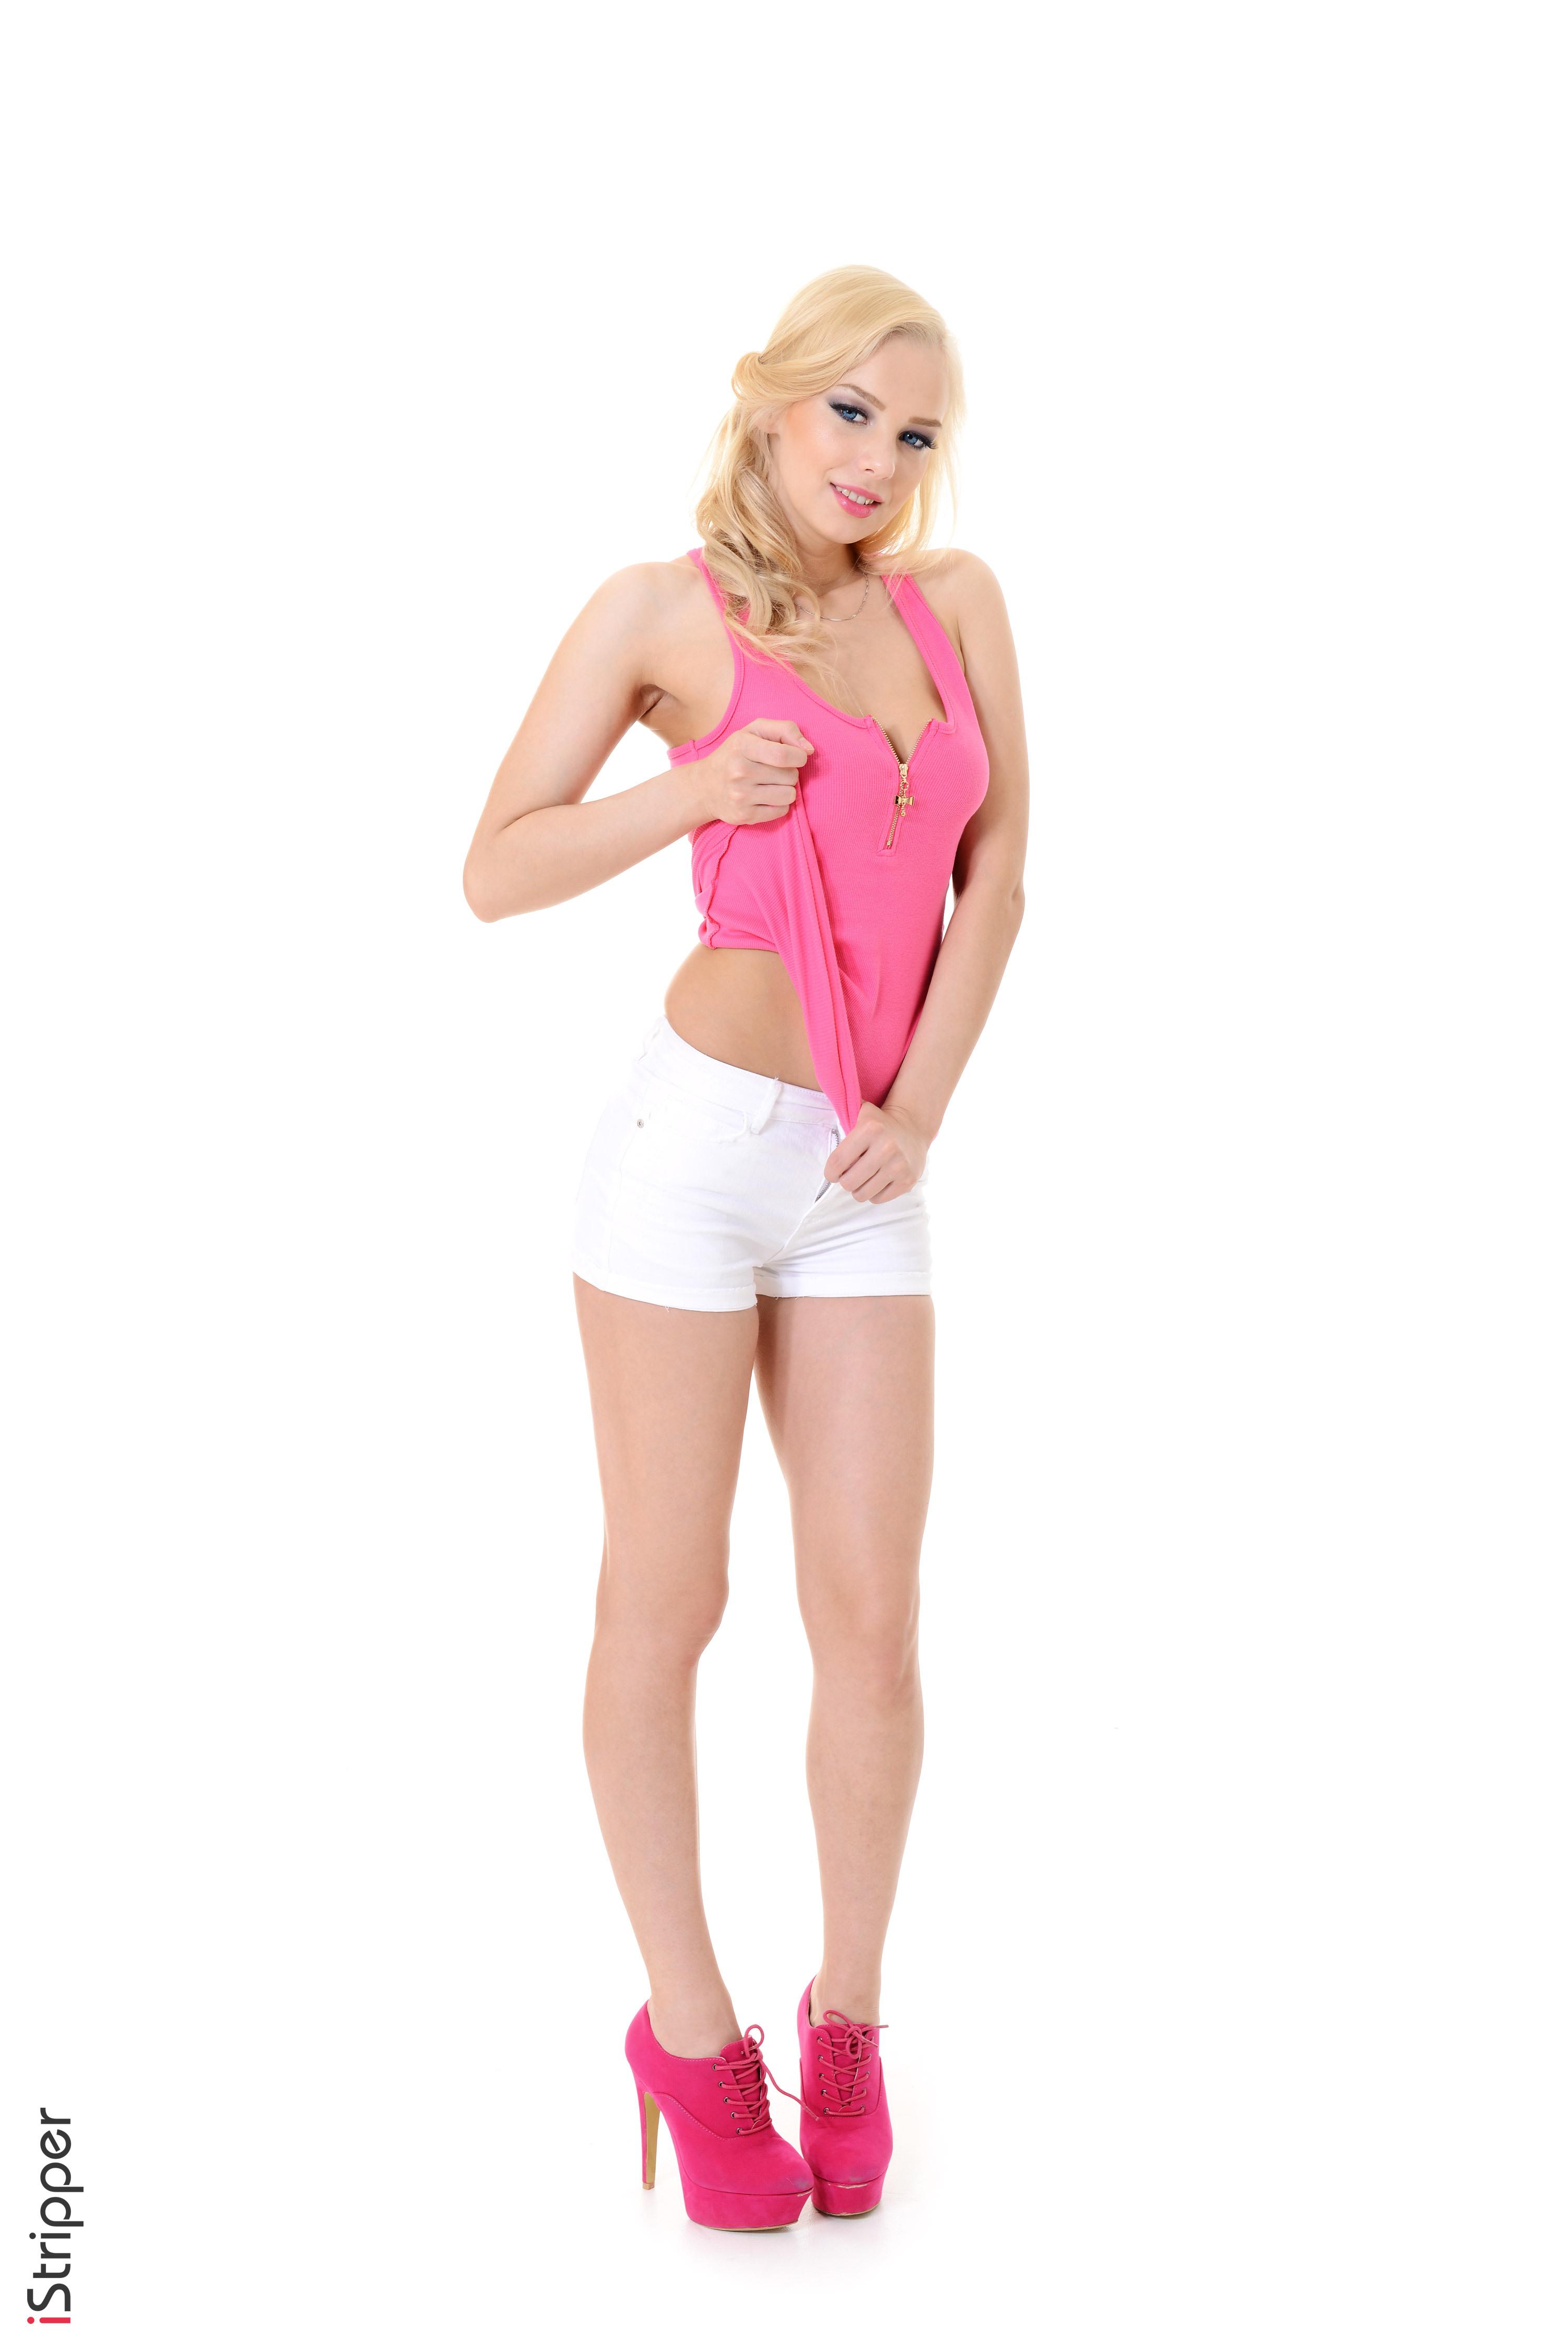 Fotos Estonika Blond Mädchen iStripper Mädchens Bein Hand Shorts Weißer hintergrund High Heels 3003x4500 für Handy Blondine junge frau junge Frauen Stöckelschuh